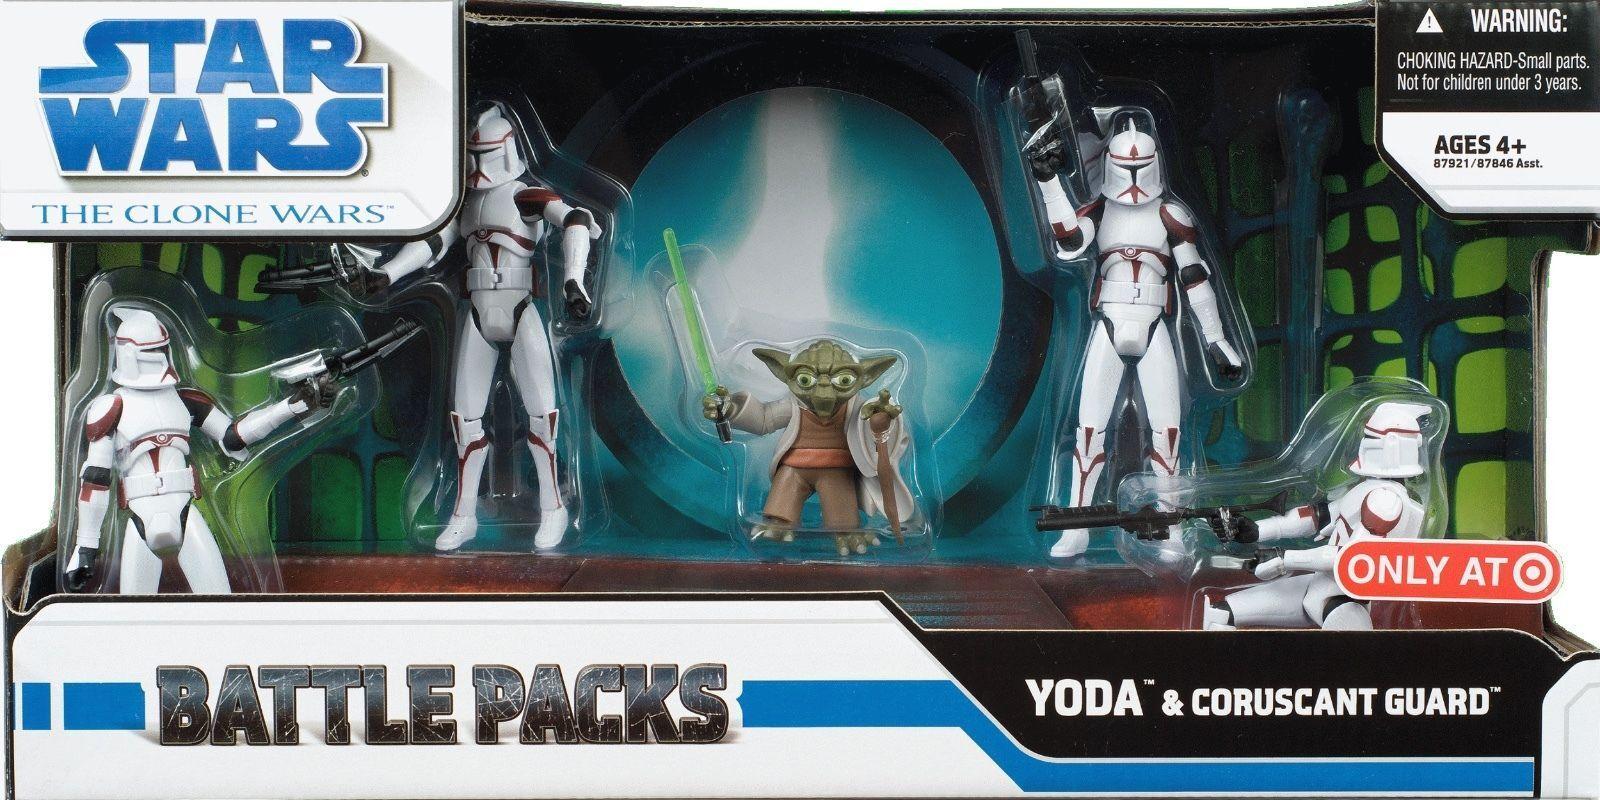 envío gratis Estrella Wars Clone War War War Battle Pack-Yoda & Coruscant Guardia Nuevo  tienda de venta